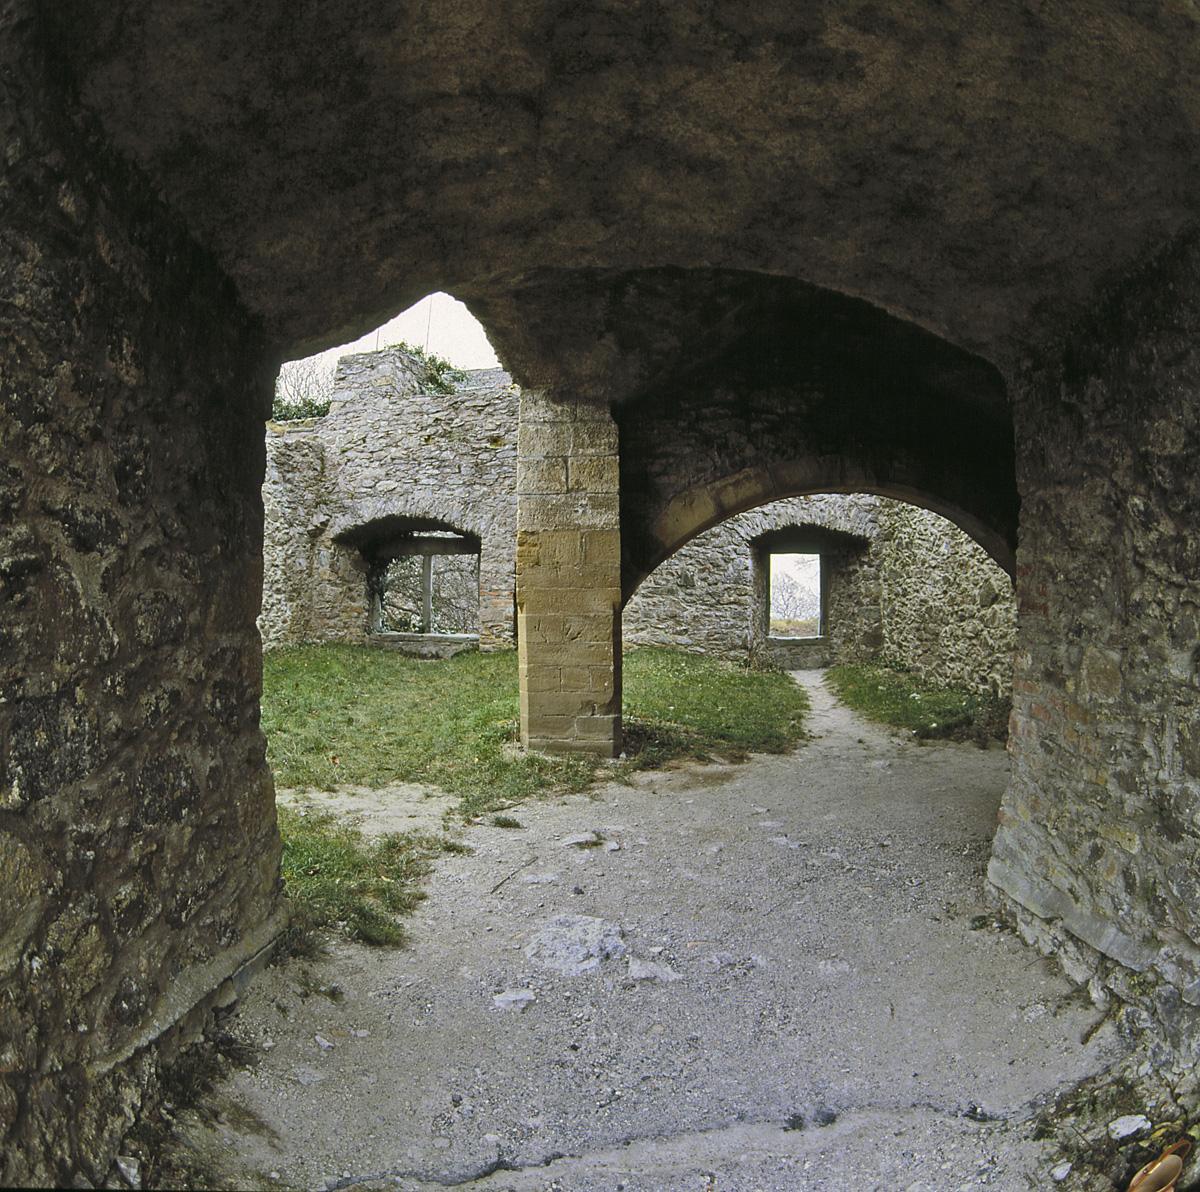 Hohentwiel Fortress Ruins, passage to the courtyard; photo: Staatliche Schlösser und Gärten Baden-Württemberg, Arnim Weischer